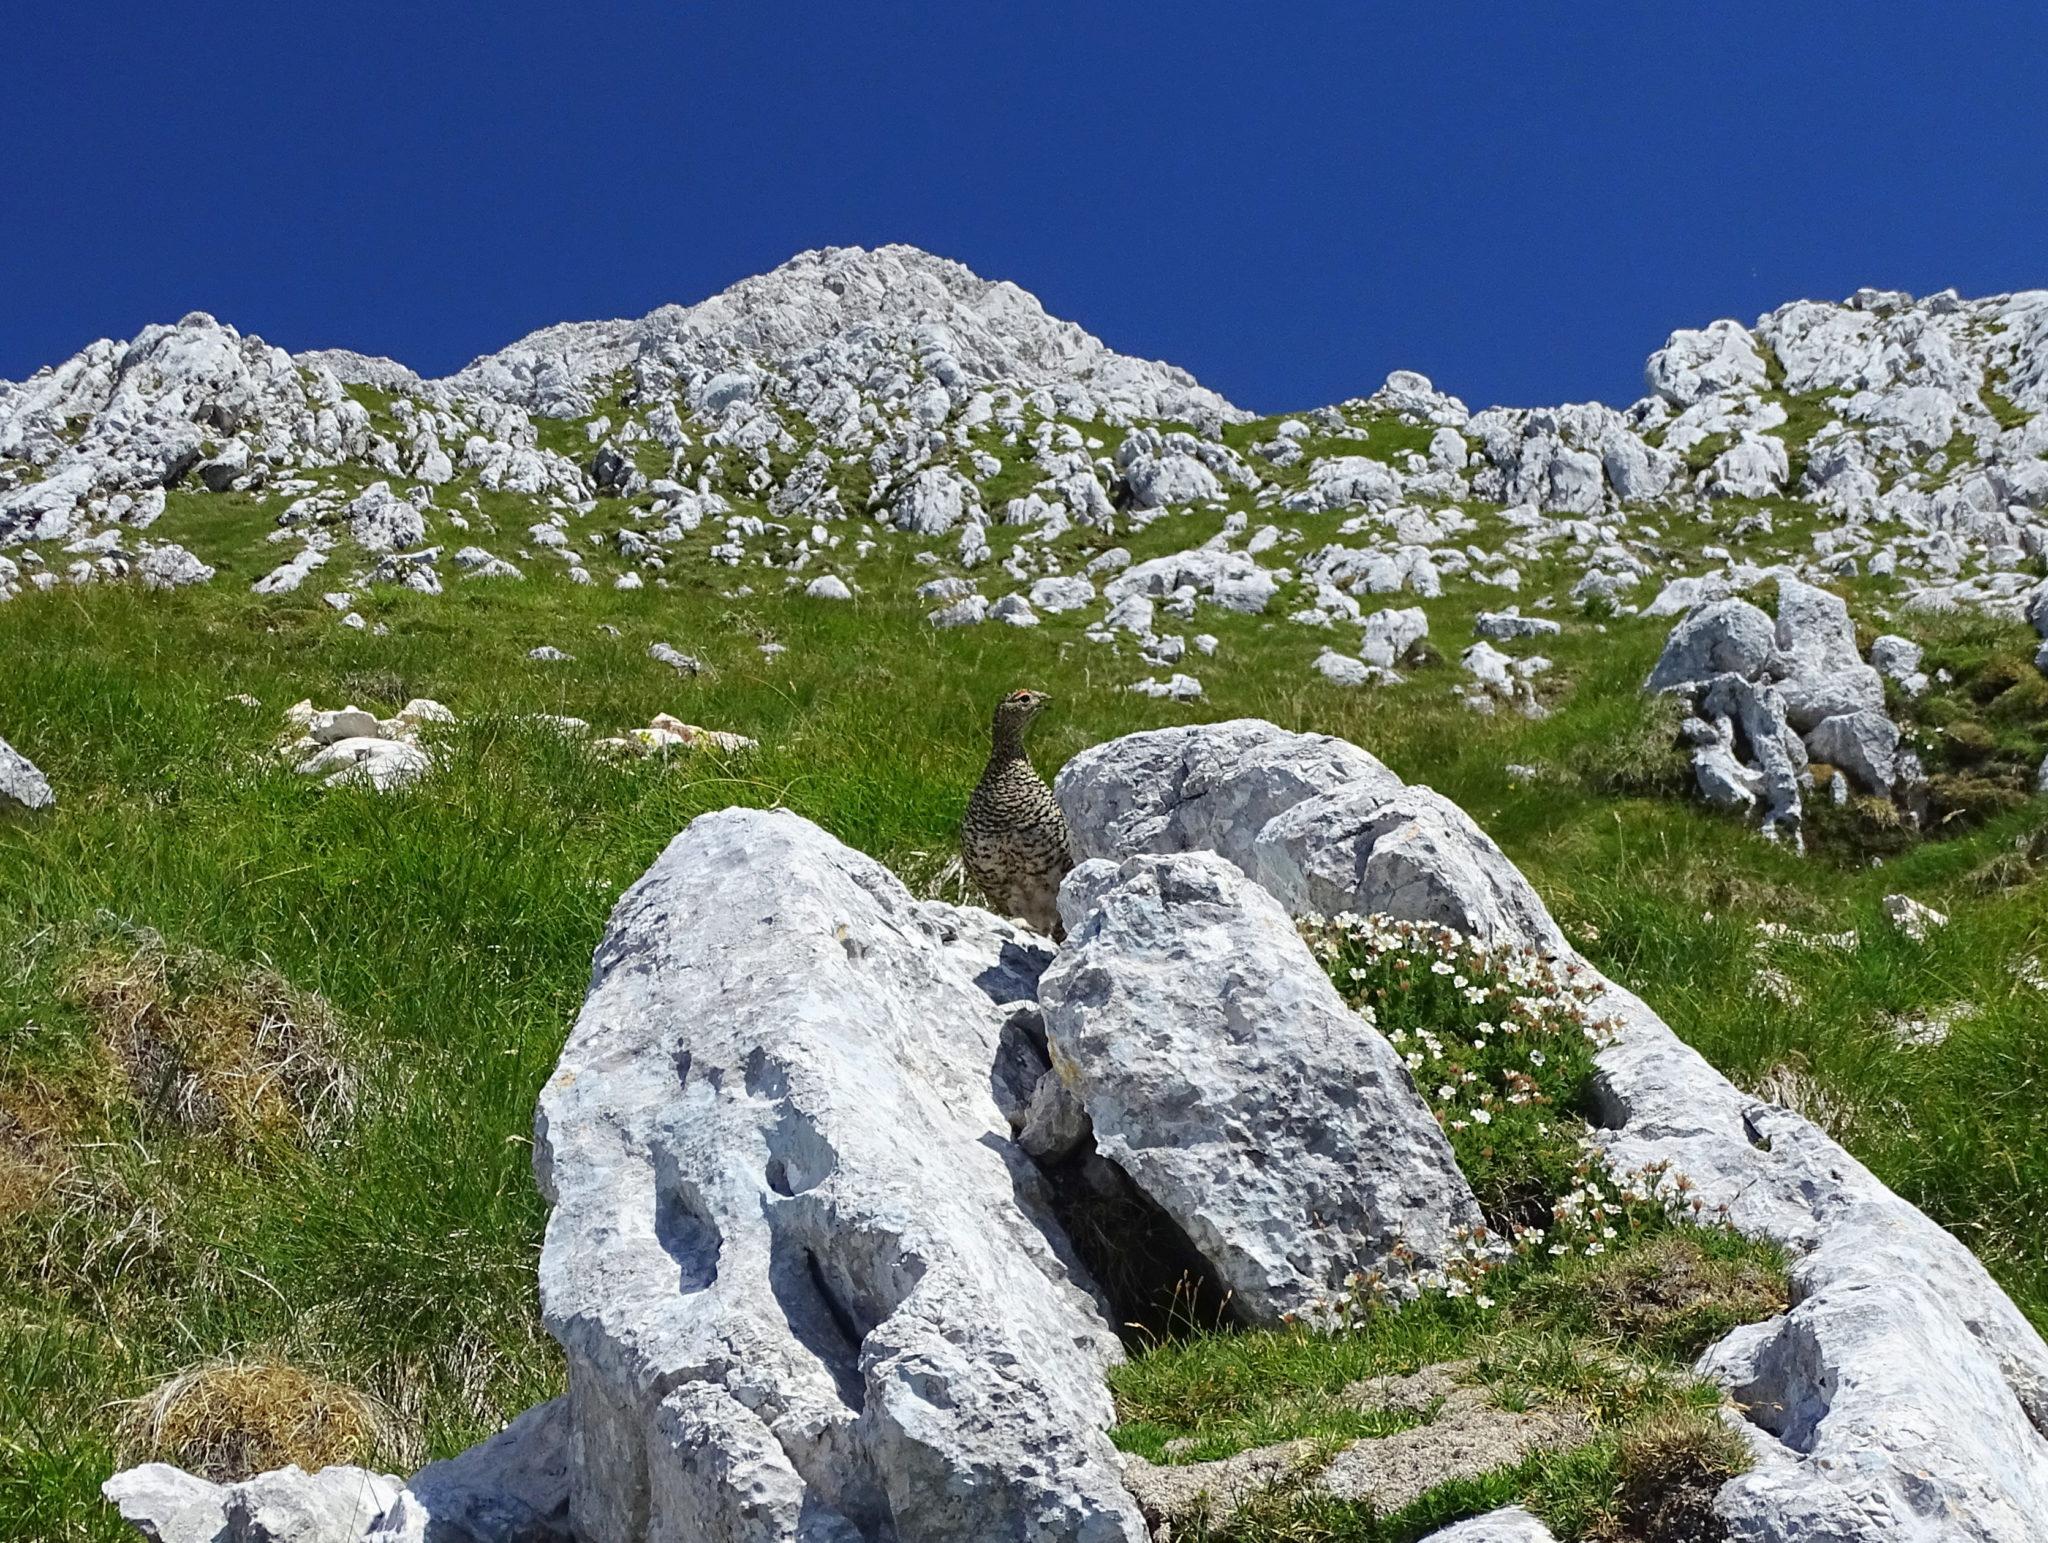 A bird in high mountains